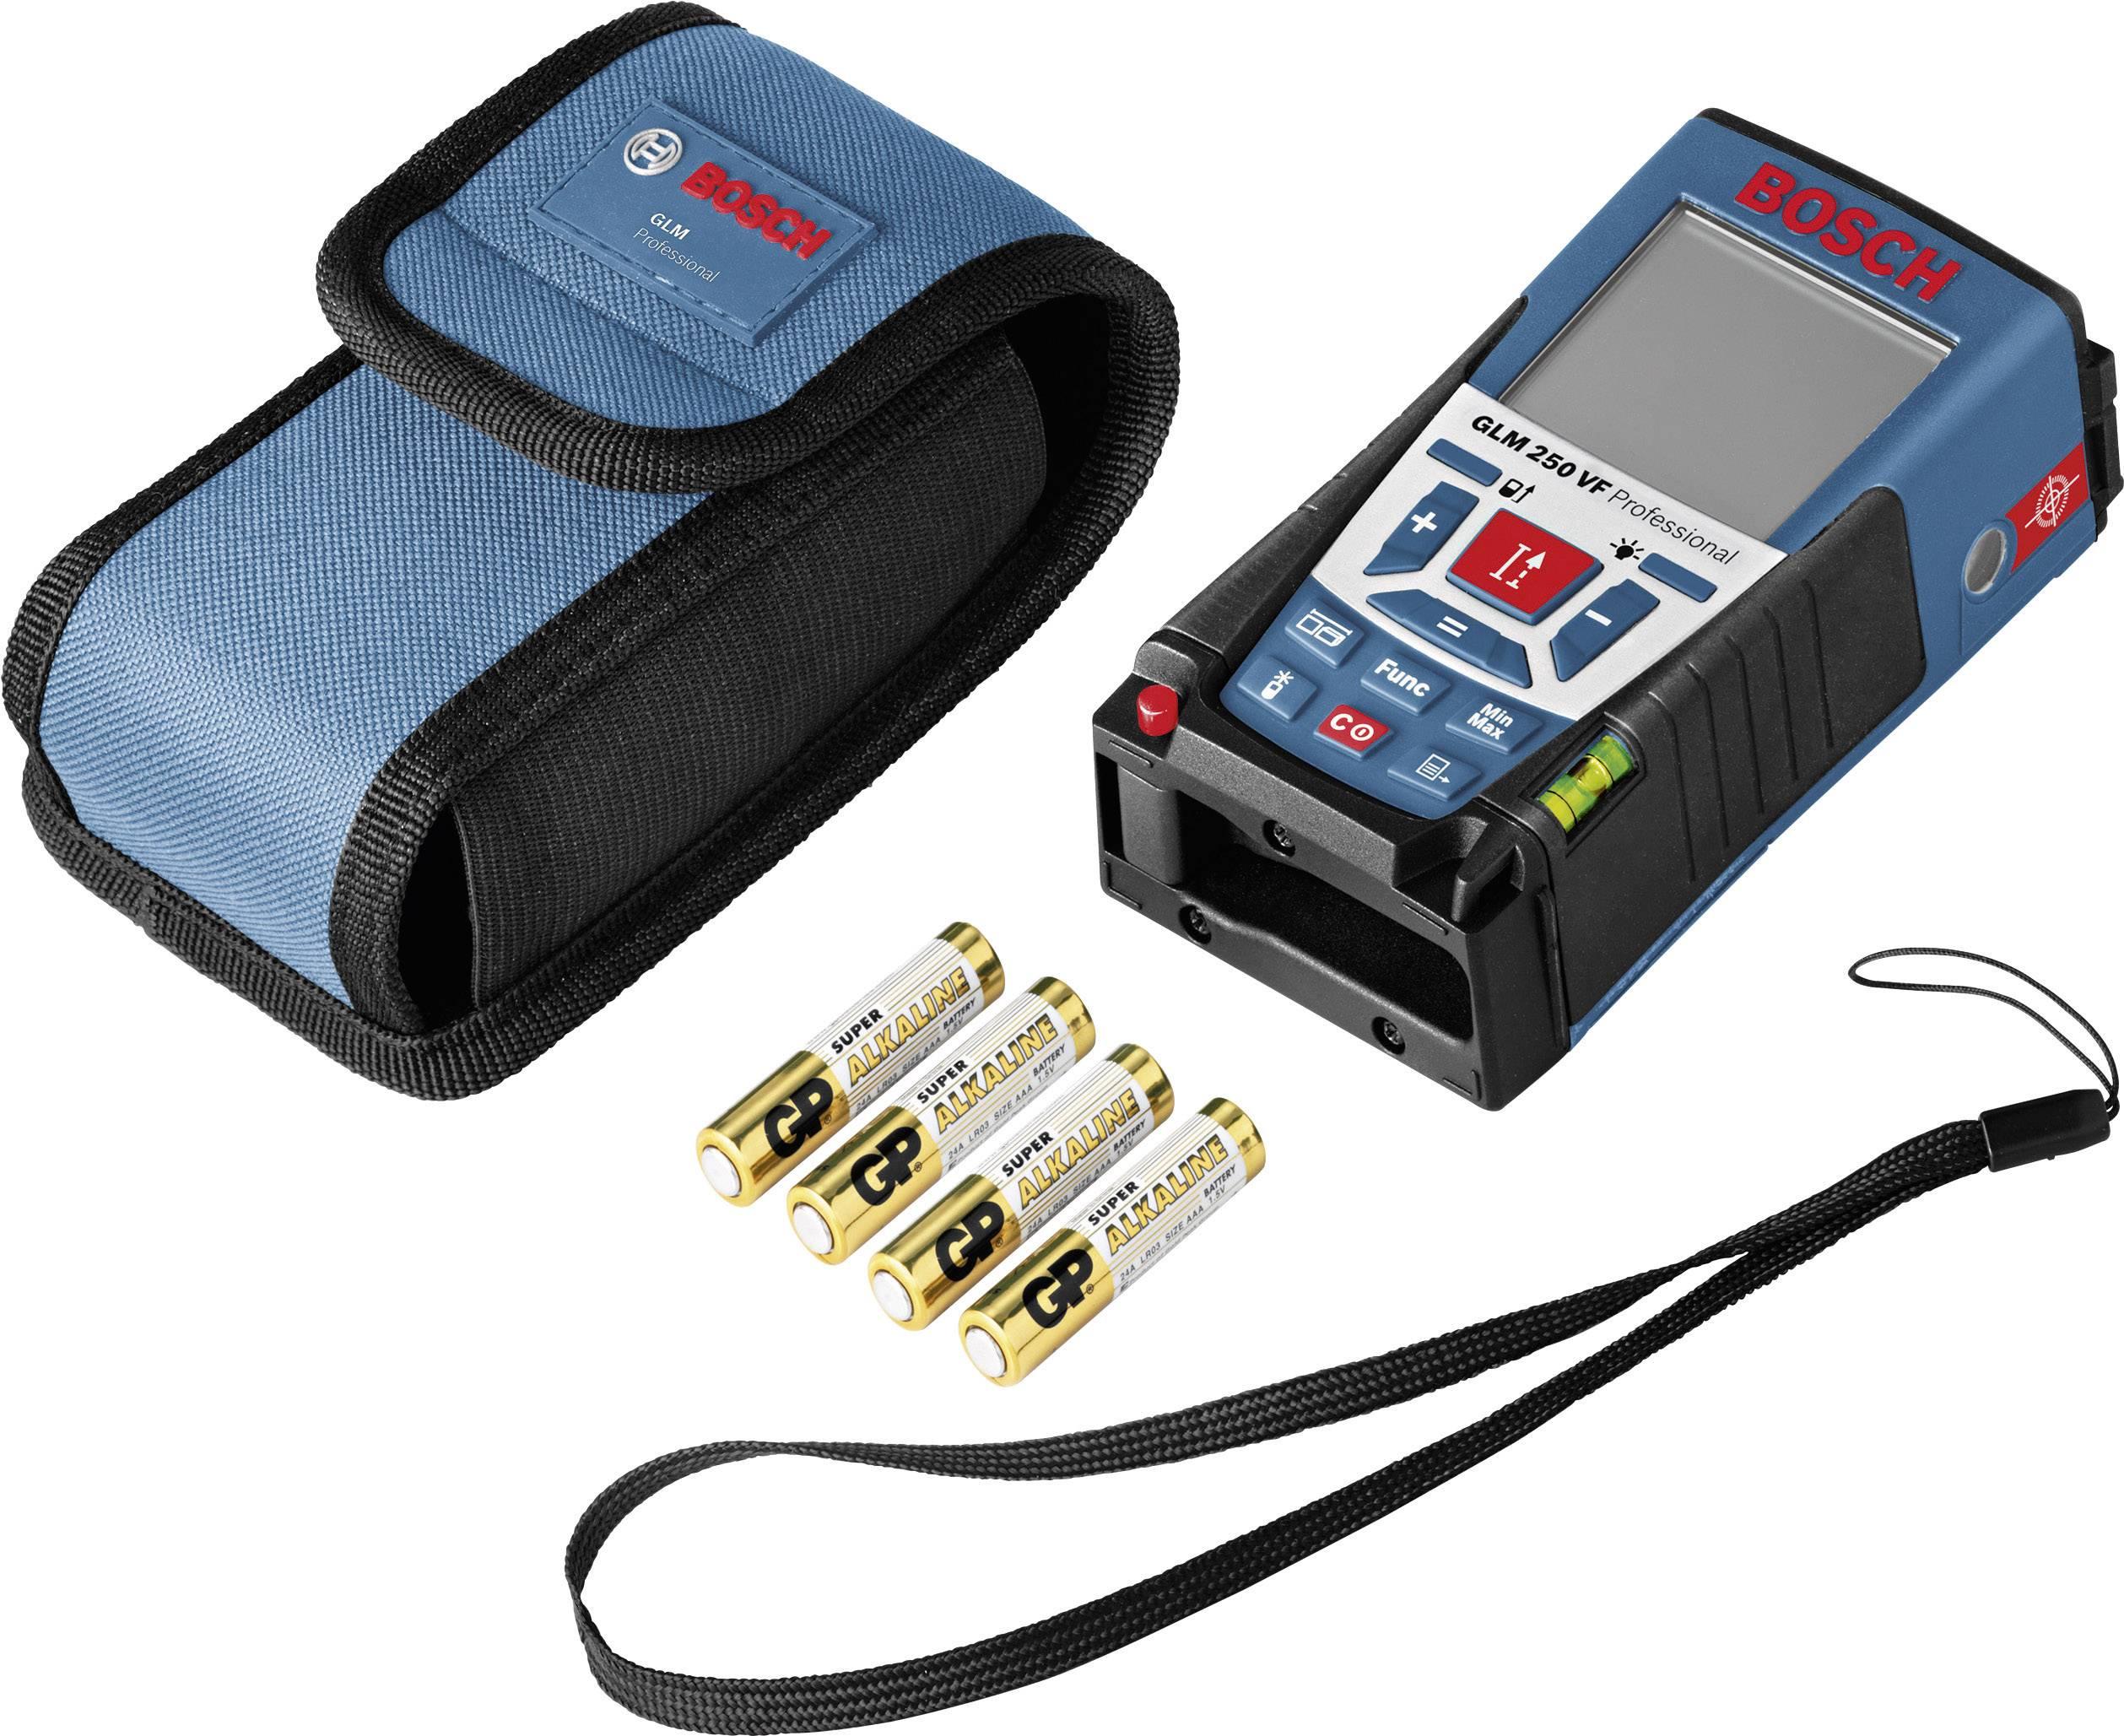 Bosch Laser Entfernungsmesser Conrad : Bosch professional glm vf laser entfernungsmesser kalibriert